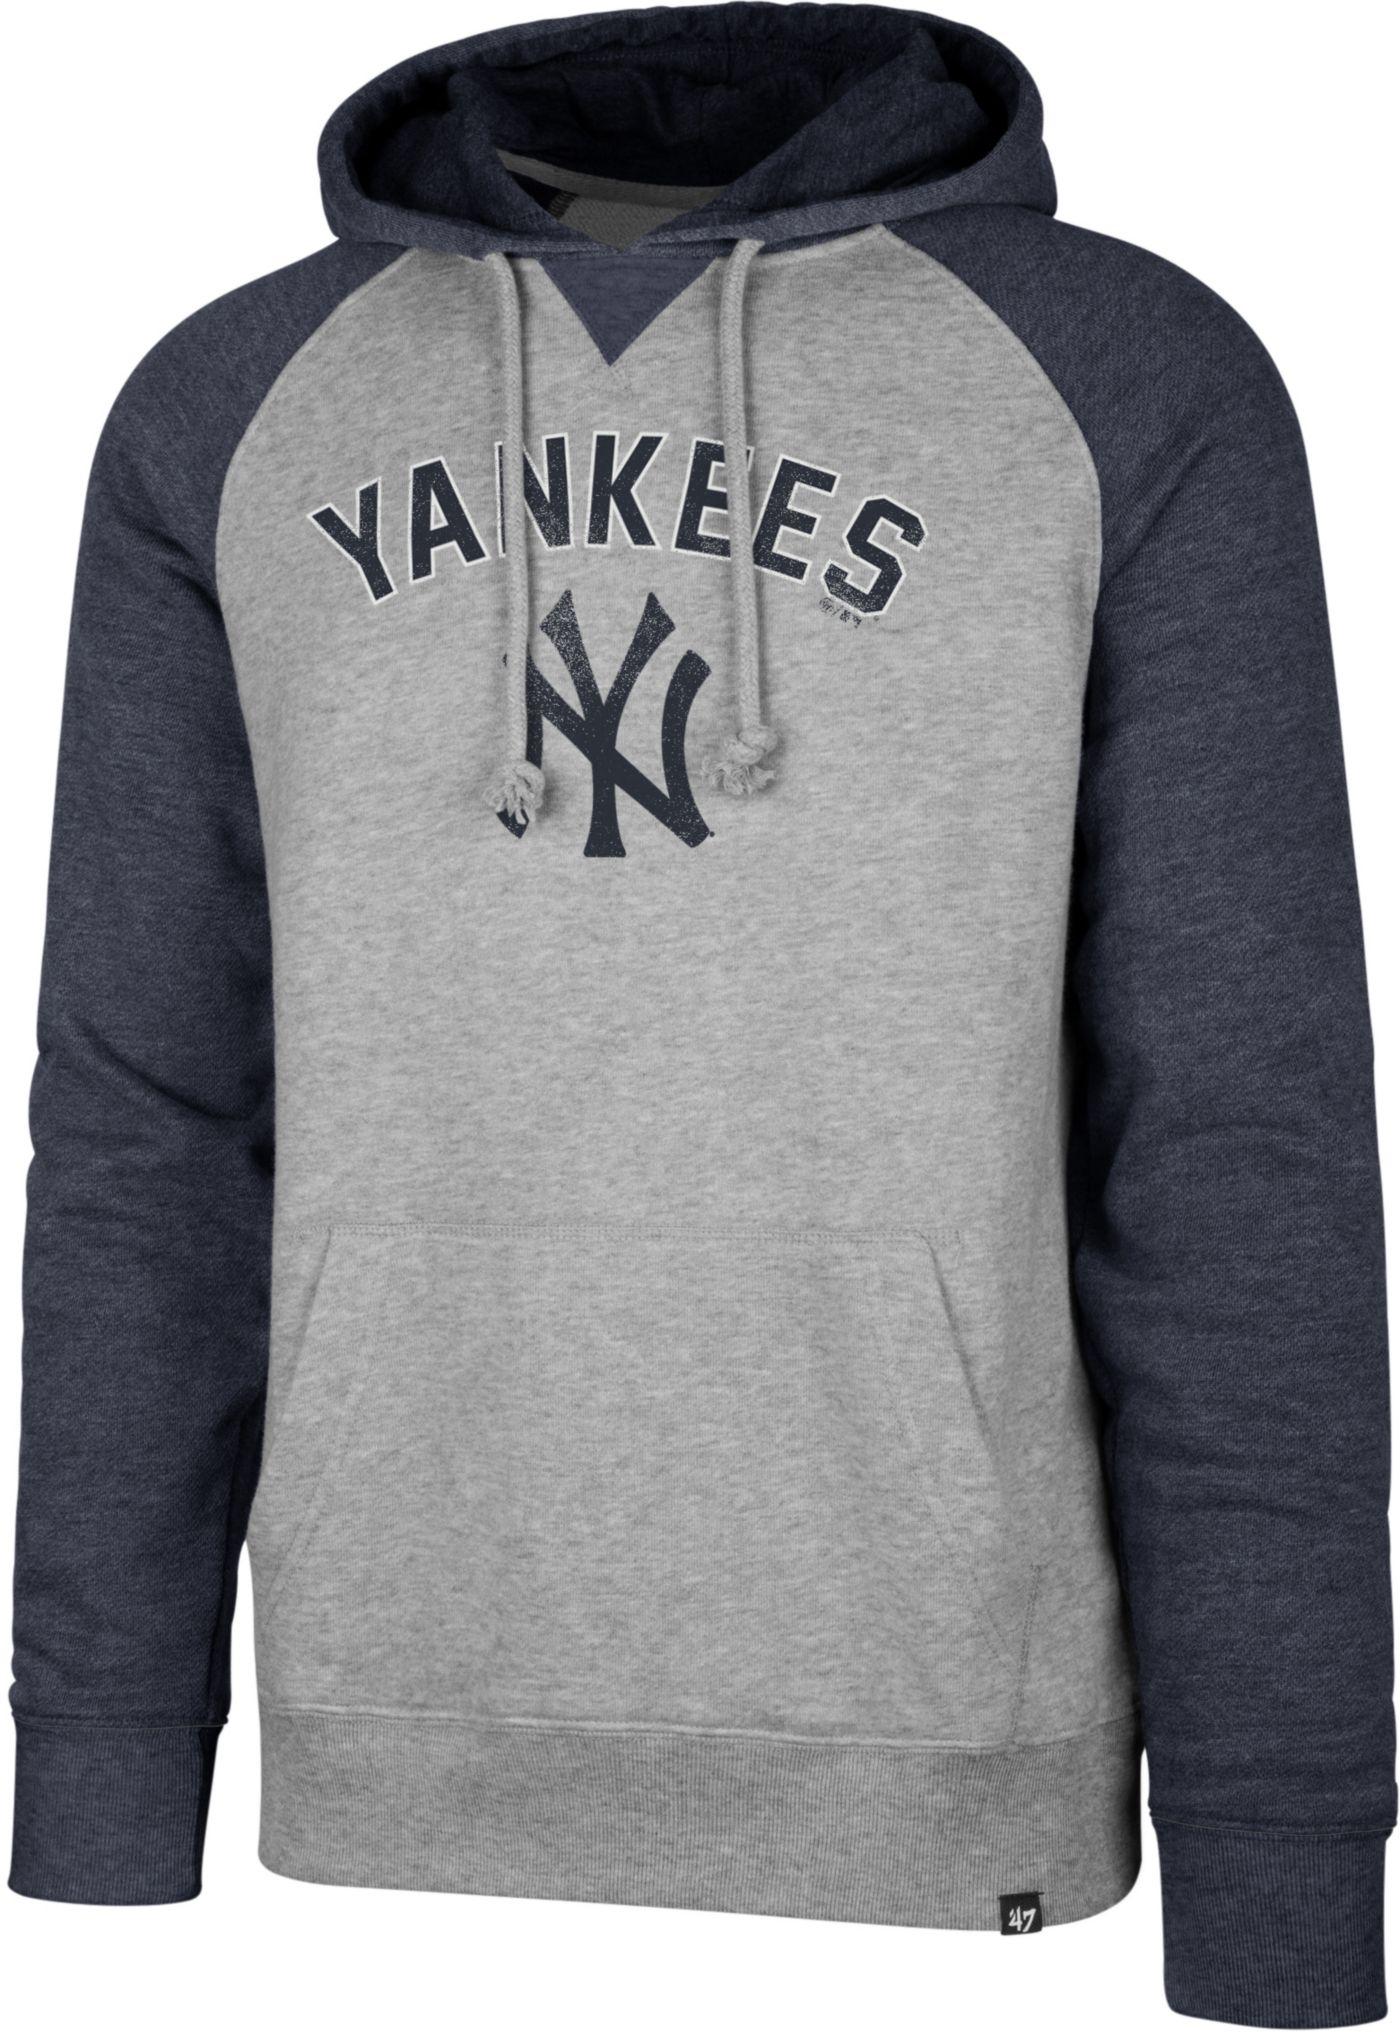 '47 Men's New York Yankees Raglan Pullover Hoodie